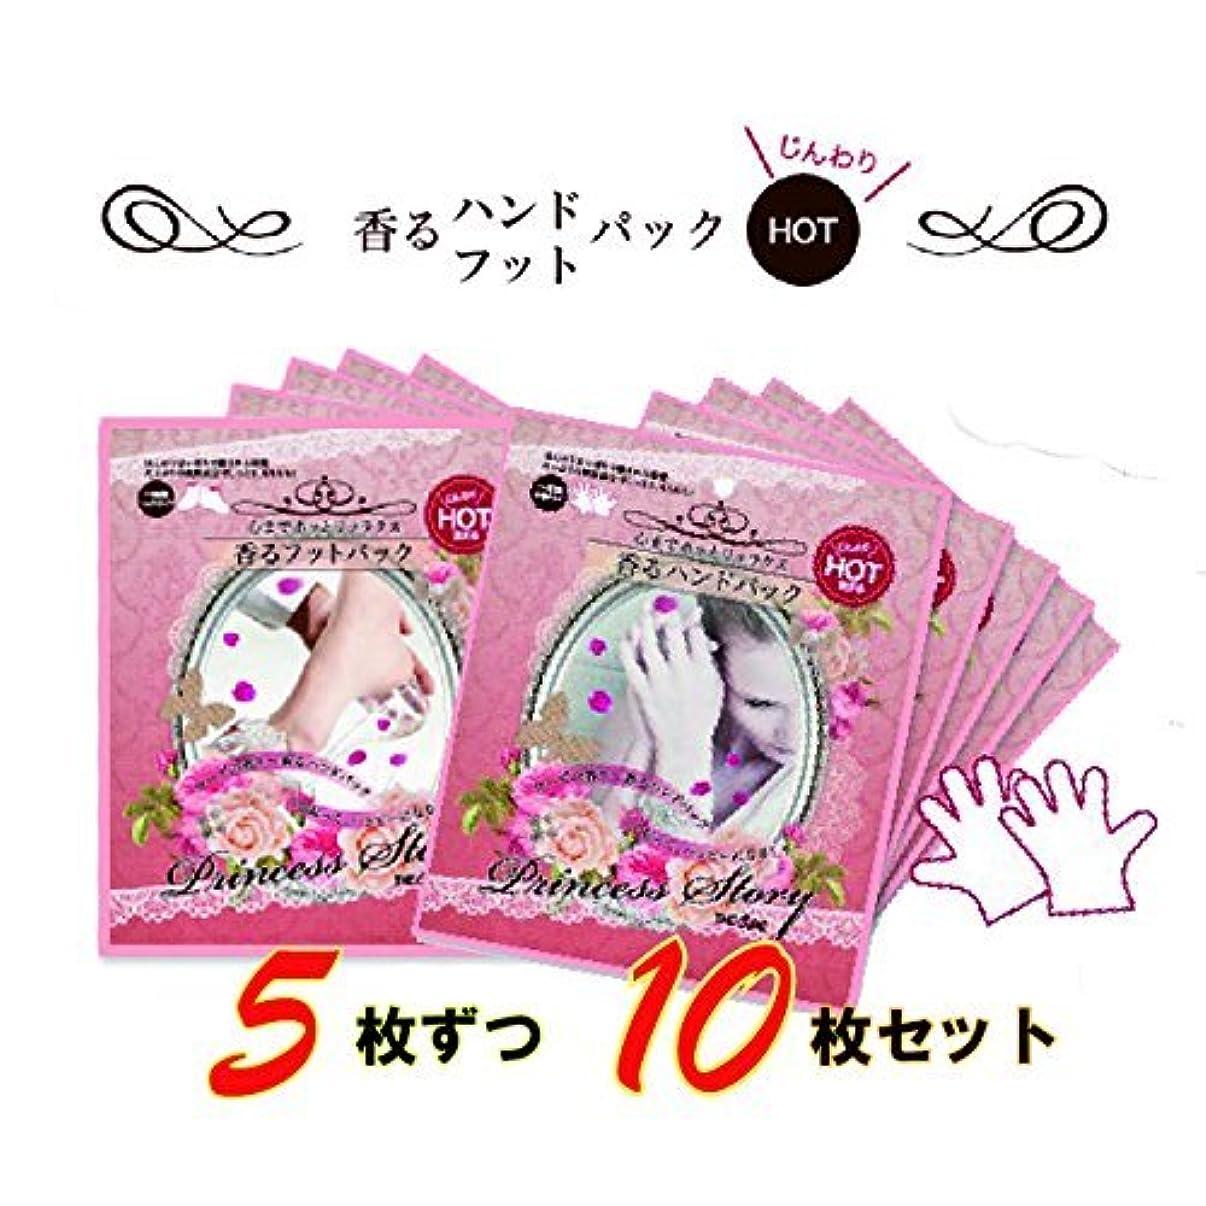 パスポート怖がらせる説明香るハンド &フットパック HOT キュア プリンセス ストーリーTHE CURE 5枚ずつ10枚セット